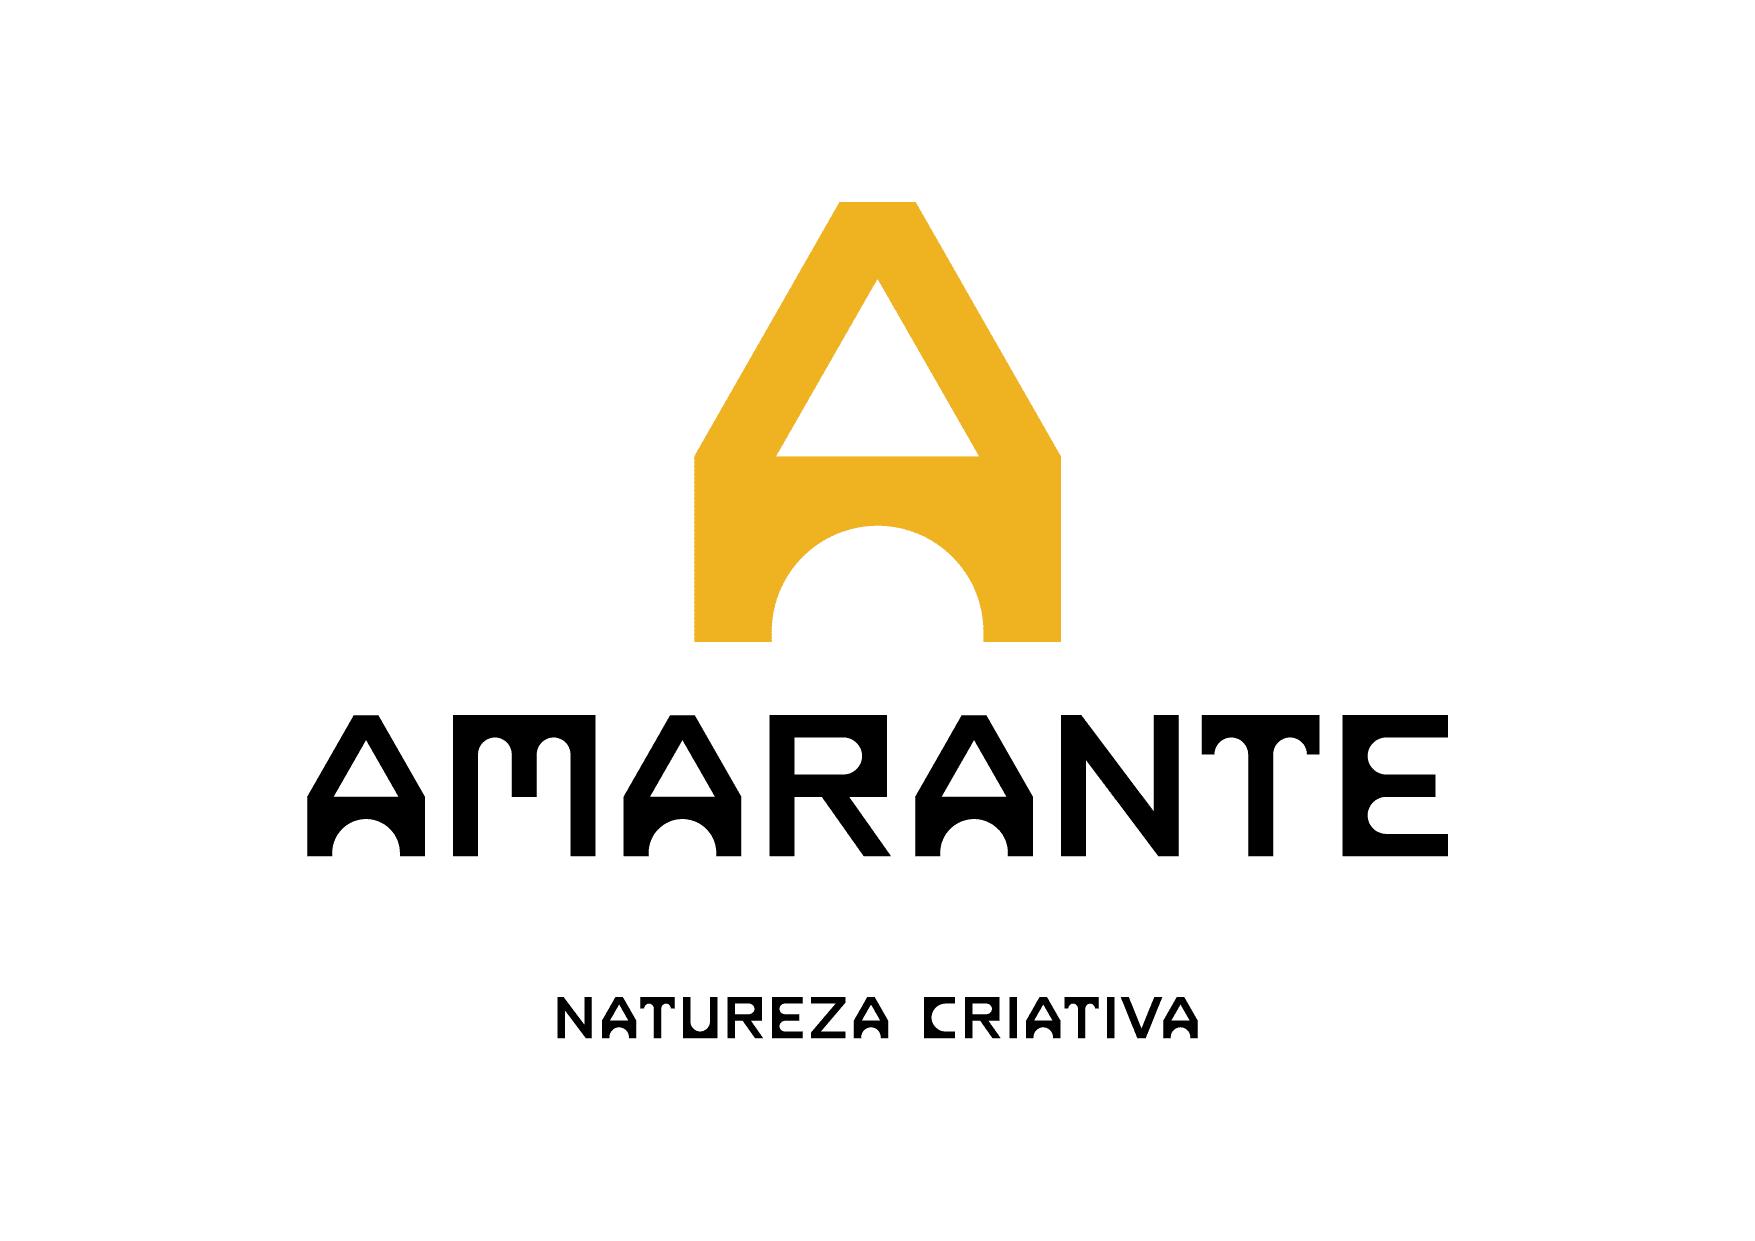 """Amarante apresenta nova marca com """"Natureza Criativa"""""""